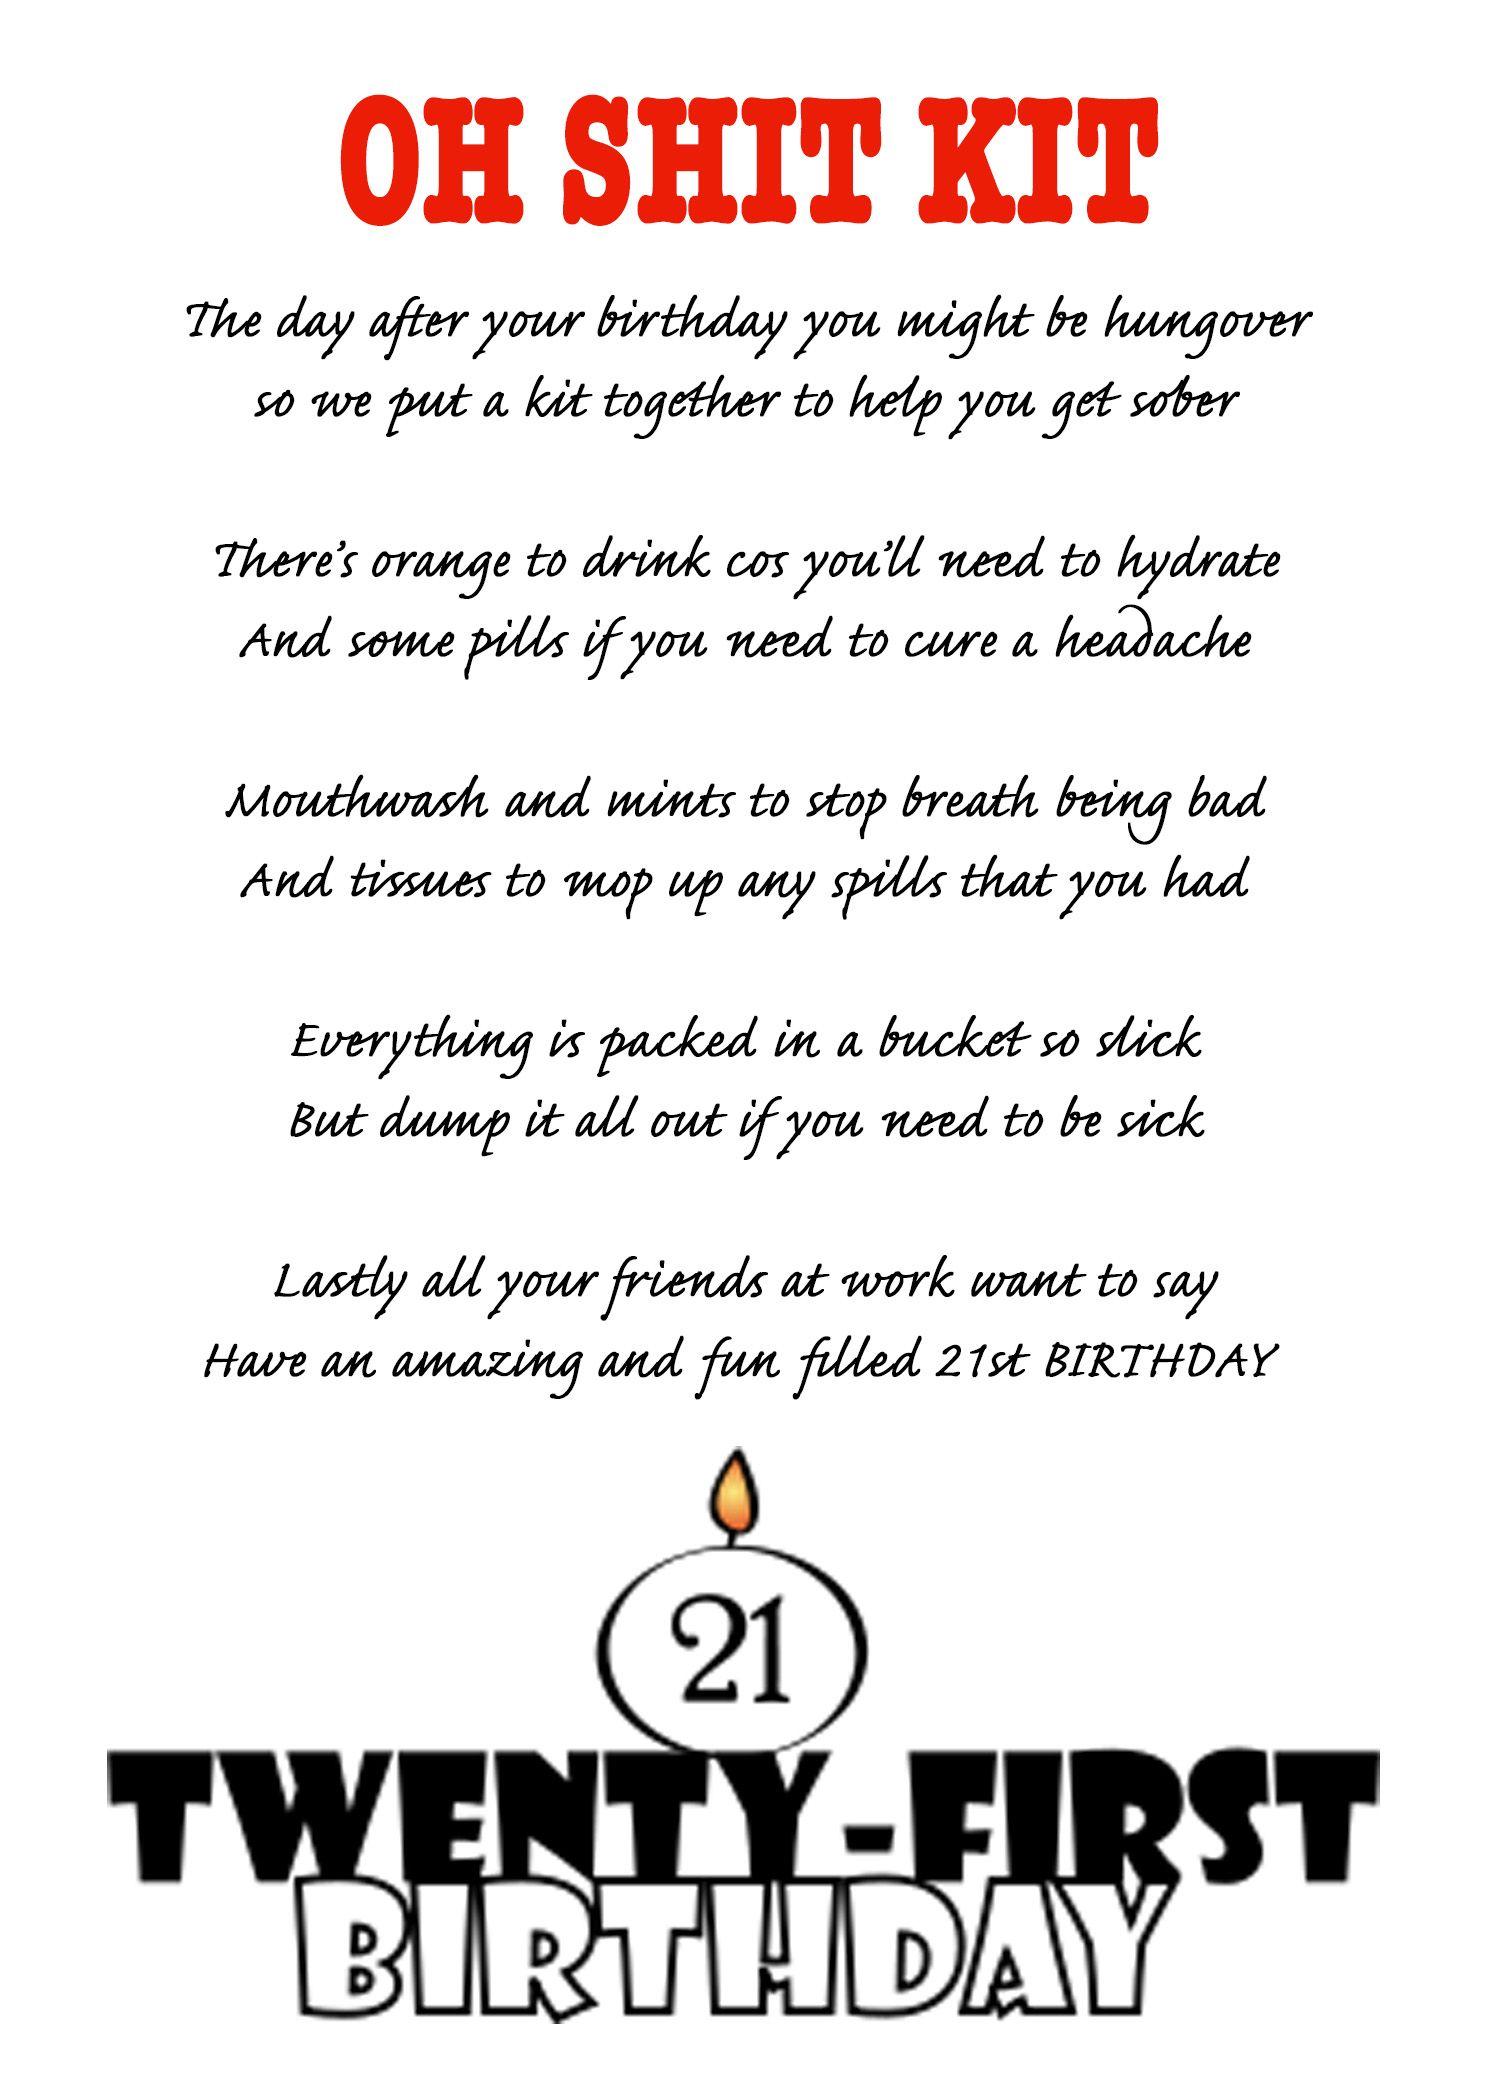 21st birthday poem for oh shot kit Birthday poems, 21st